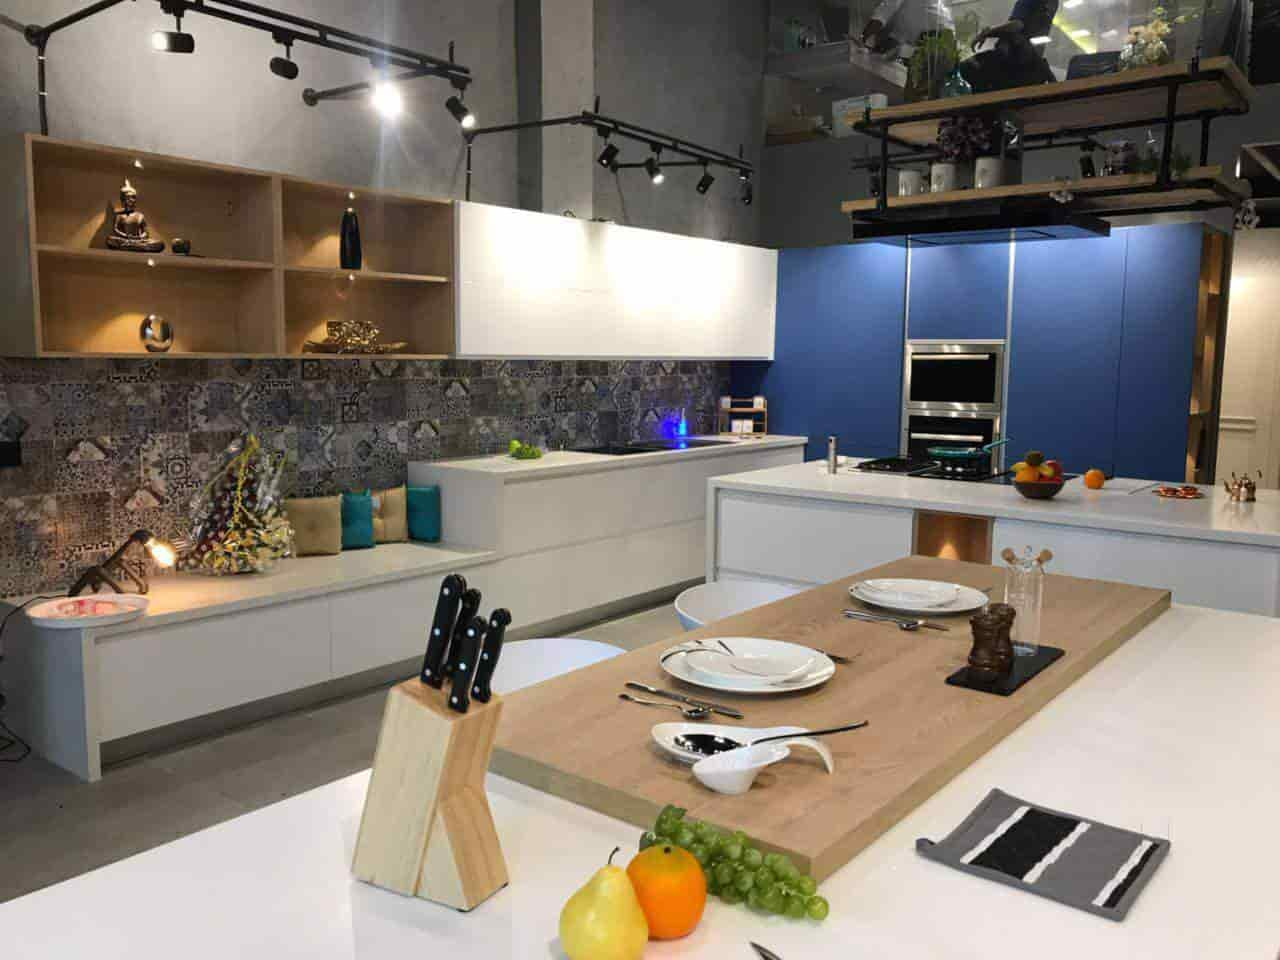 Erfreut Bombay Küche Bilder - Küchen Design Ideen - vietnamdep.info